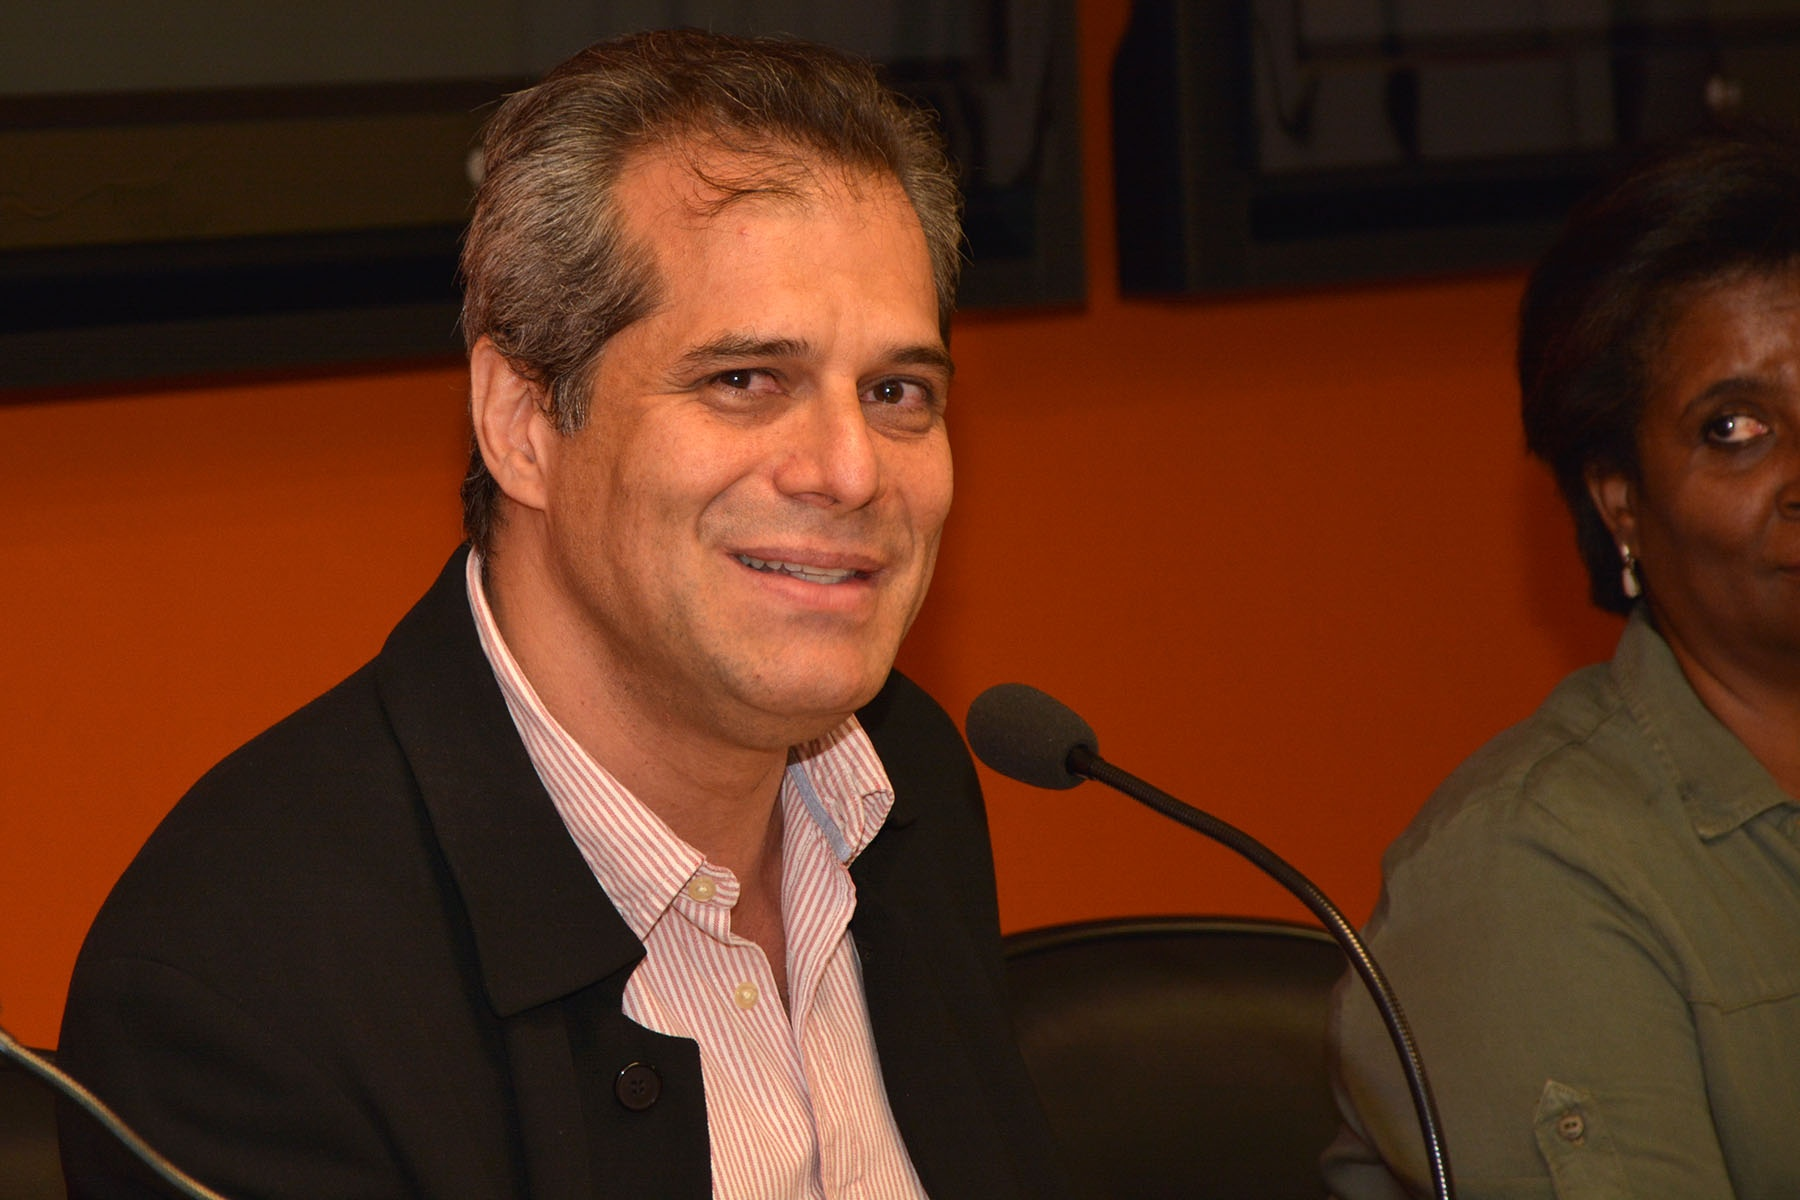 Paulo Eduardo Neves Ferreira Velho, coordenador do curso de graduação em Medicina. Foto: Mario Moreira. CADCC-FCM/Unicamp